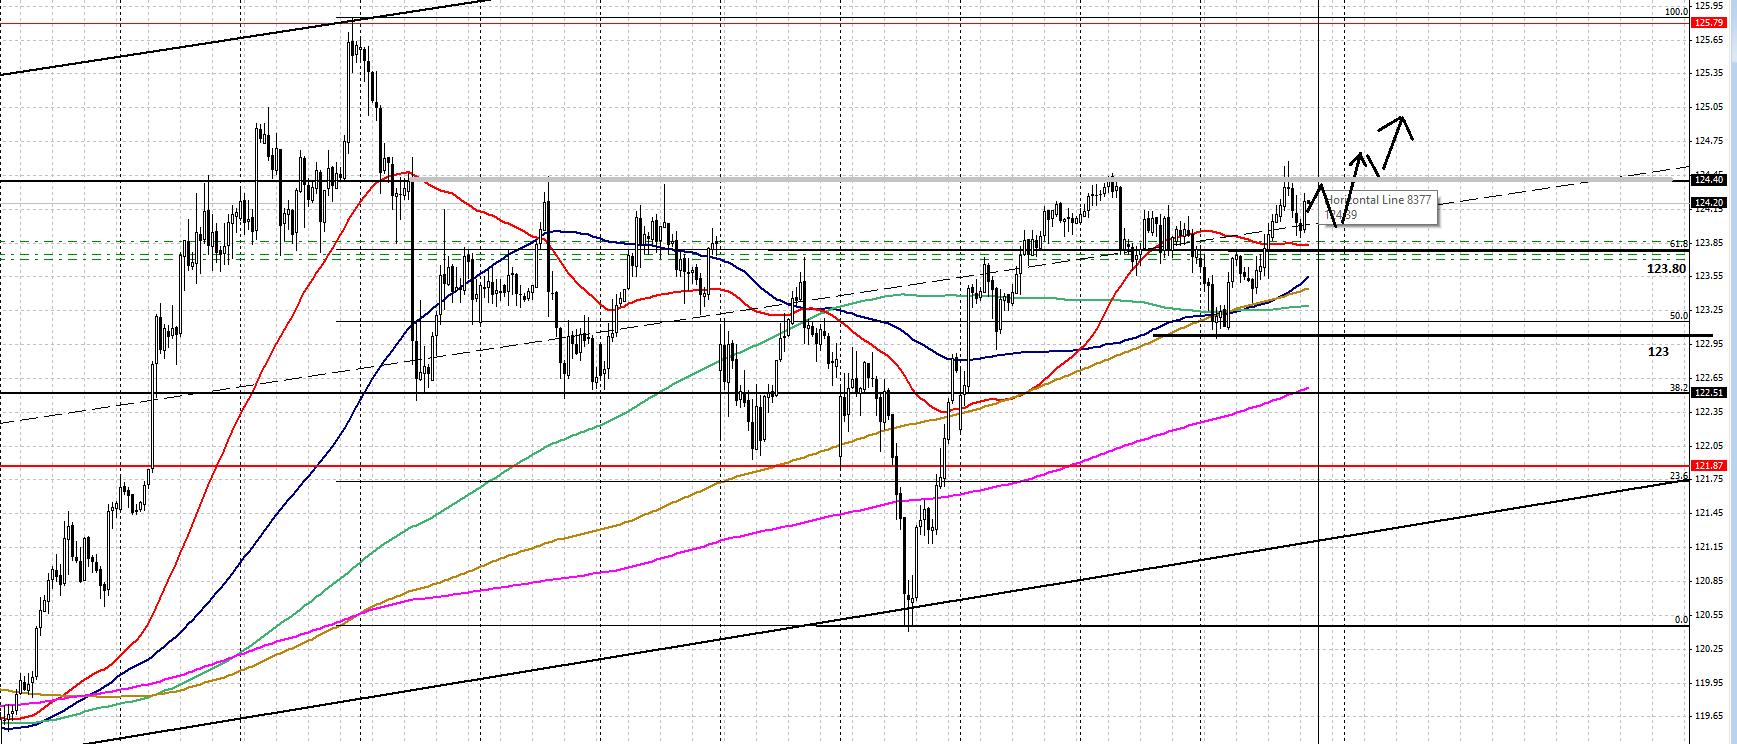 График USD/JPY: возможное развитие ситуации в августе